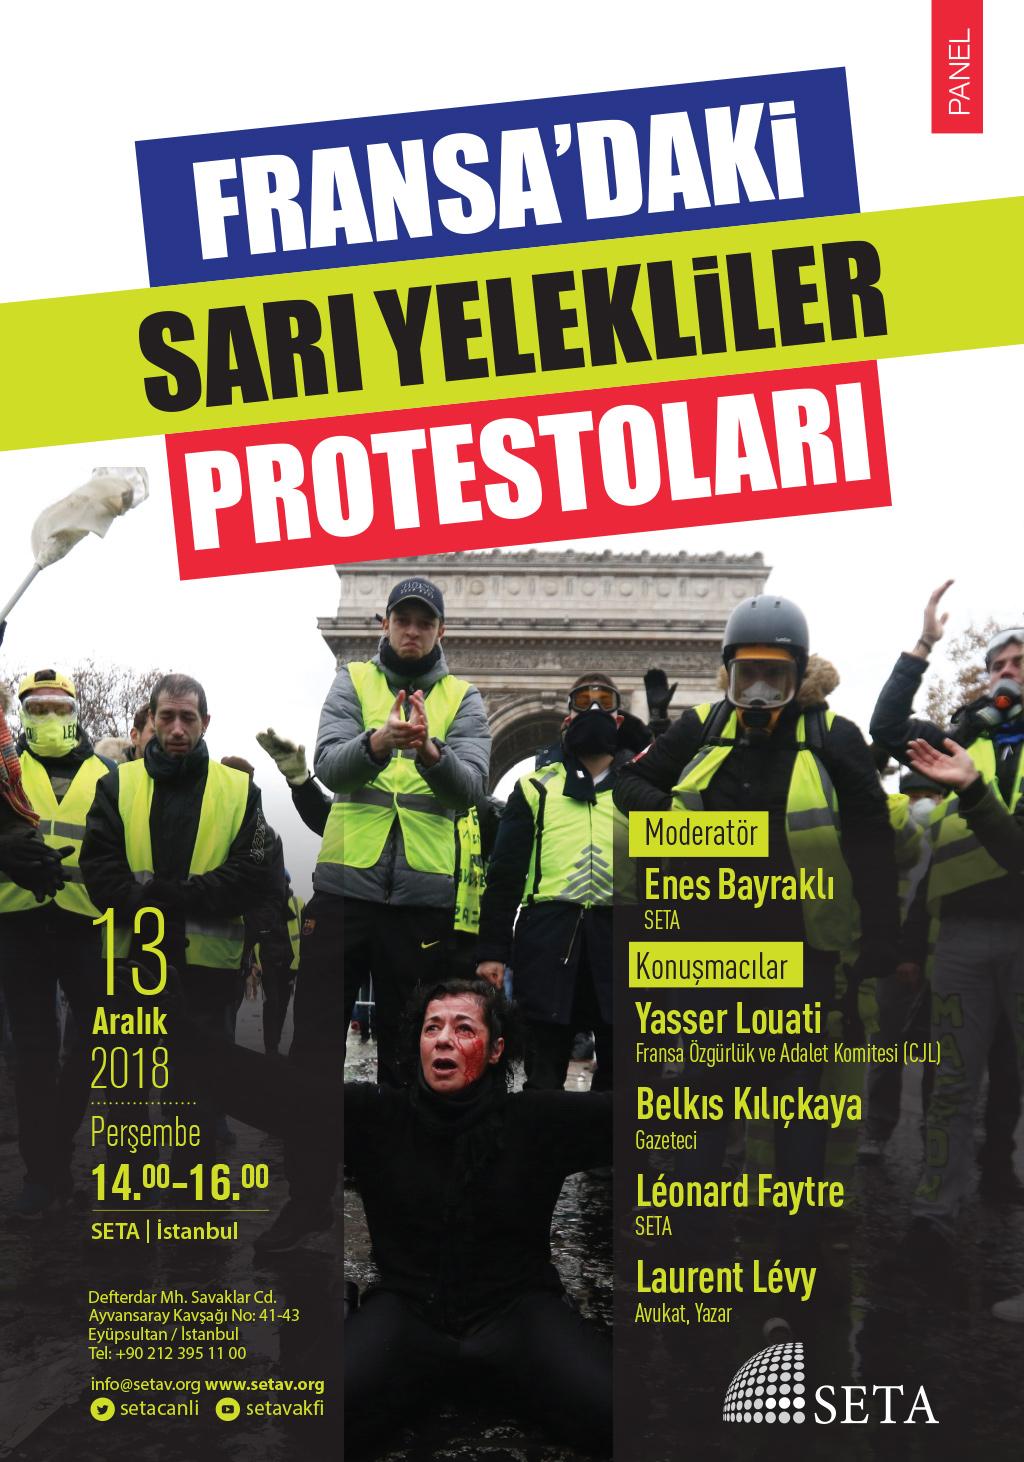 Panel: Fransa'daki Sarı Yelekliler Protestoları